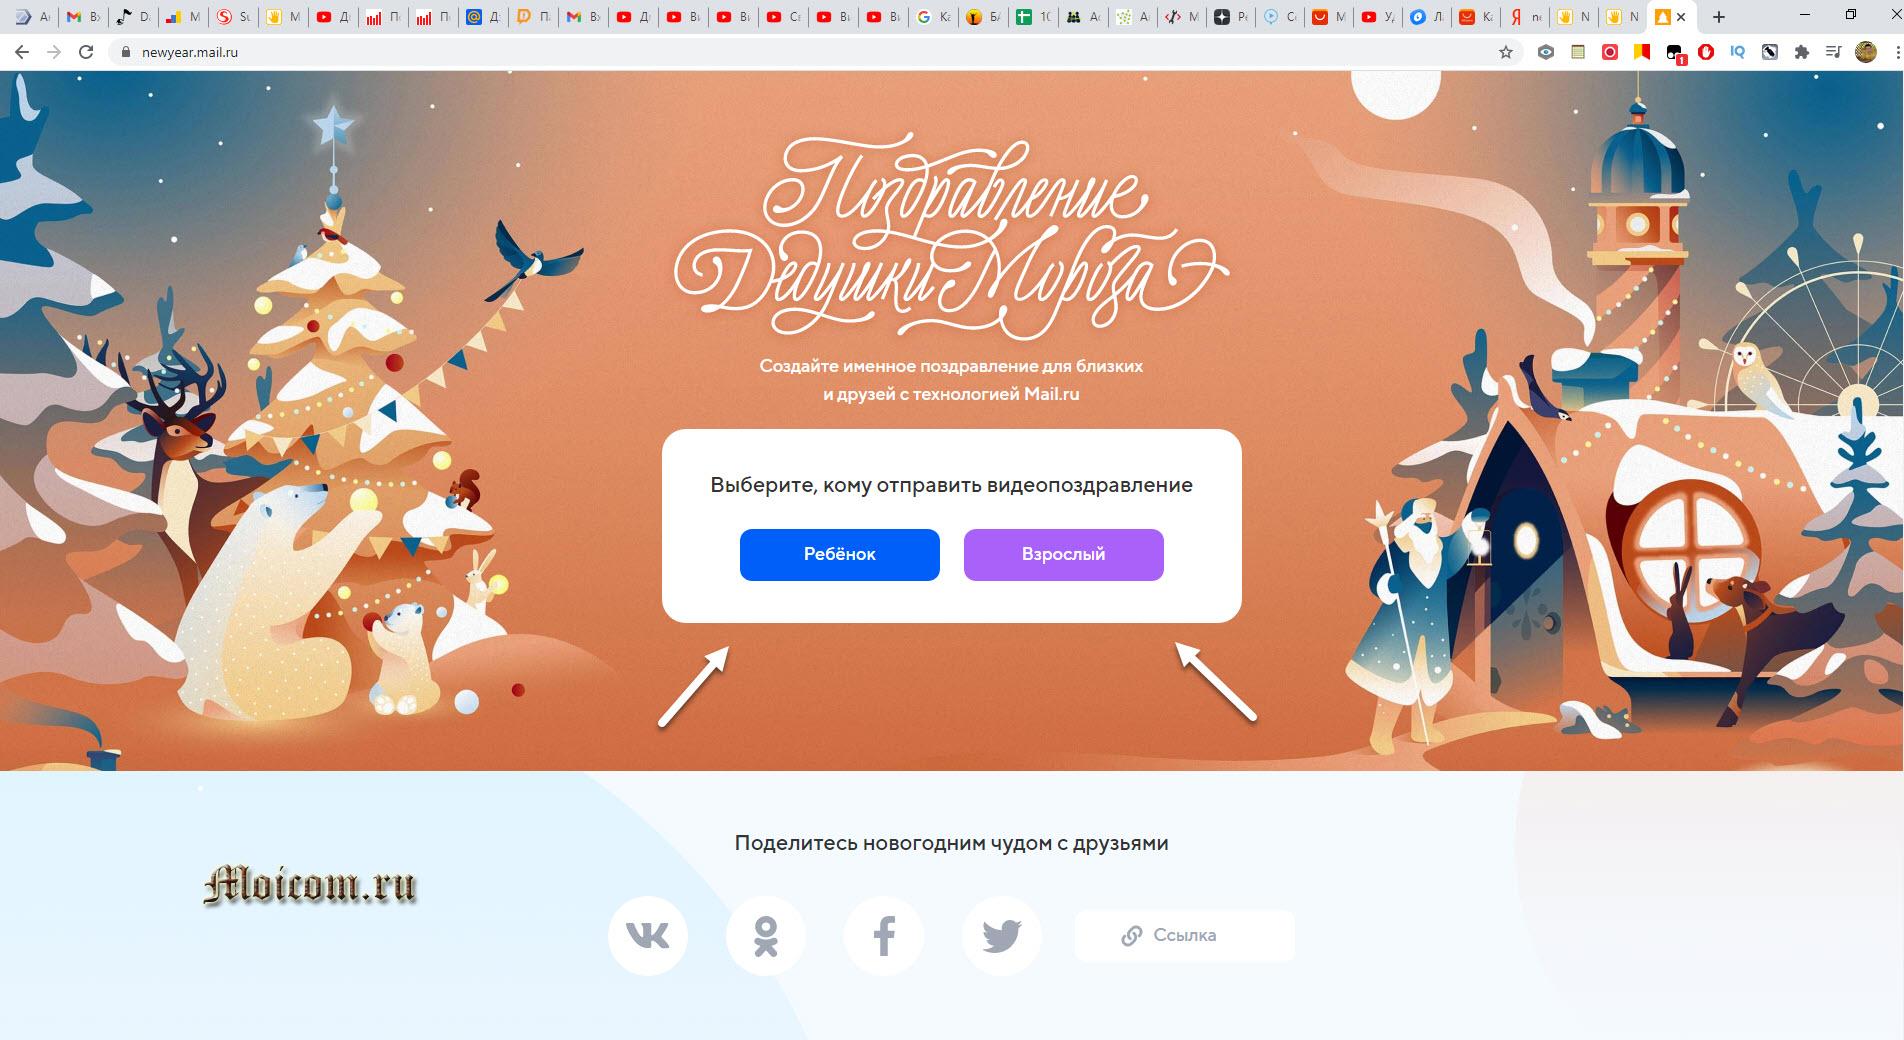 Newyear.mail.ru 2021 - новогодние видео поздравления, кому отправить поздравление - ребенку или взрослому